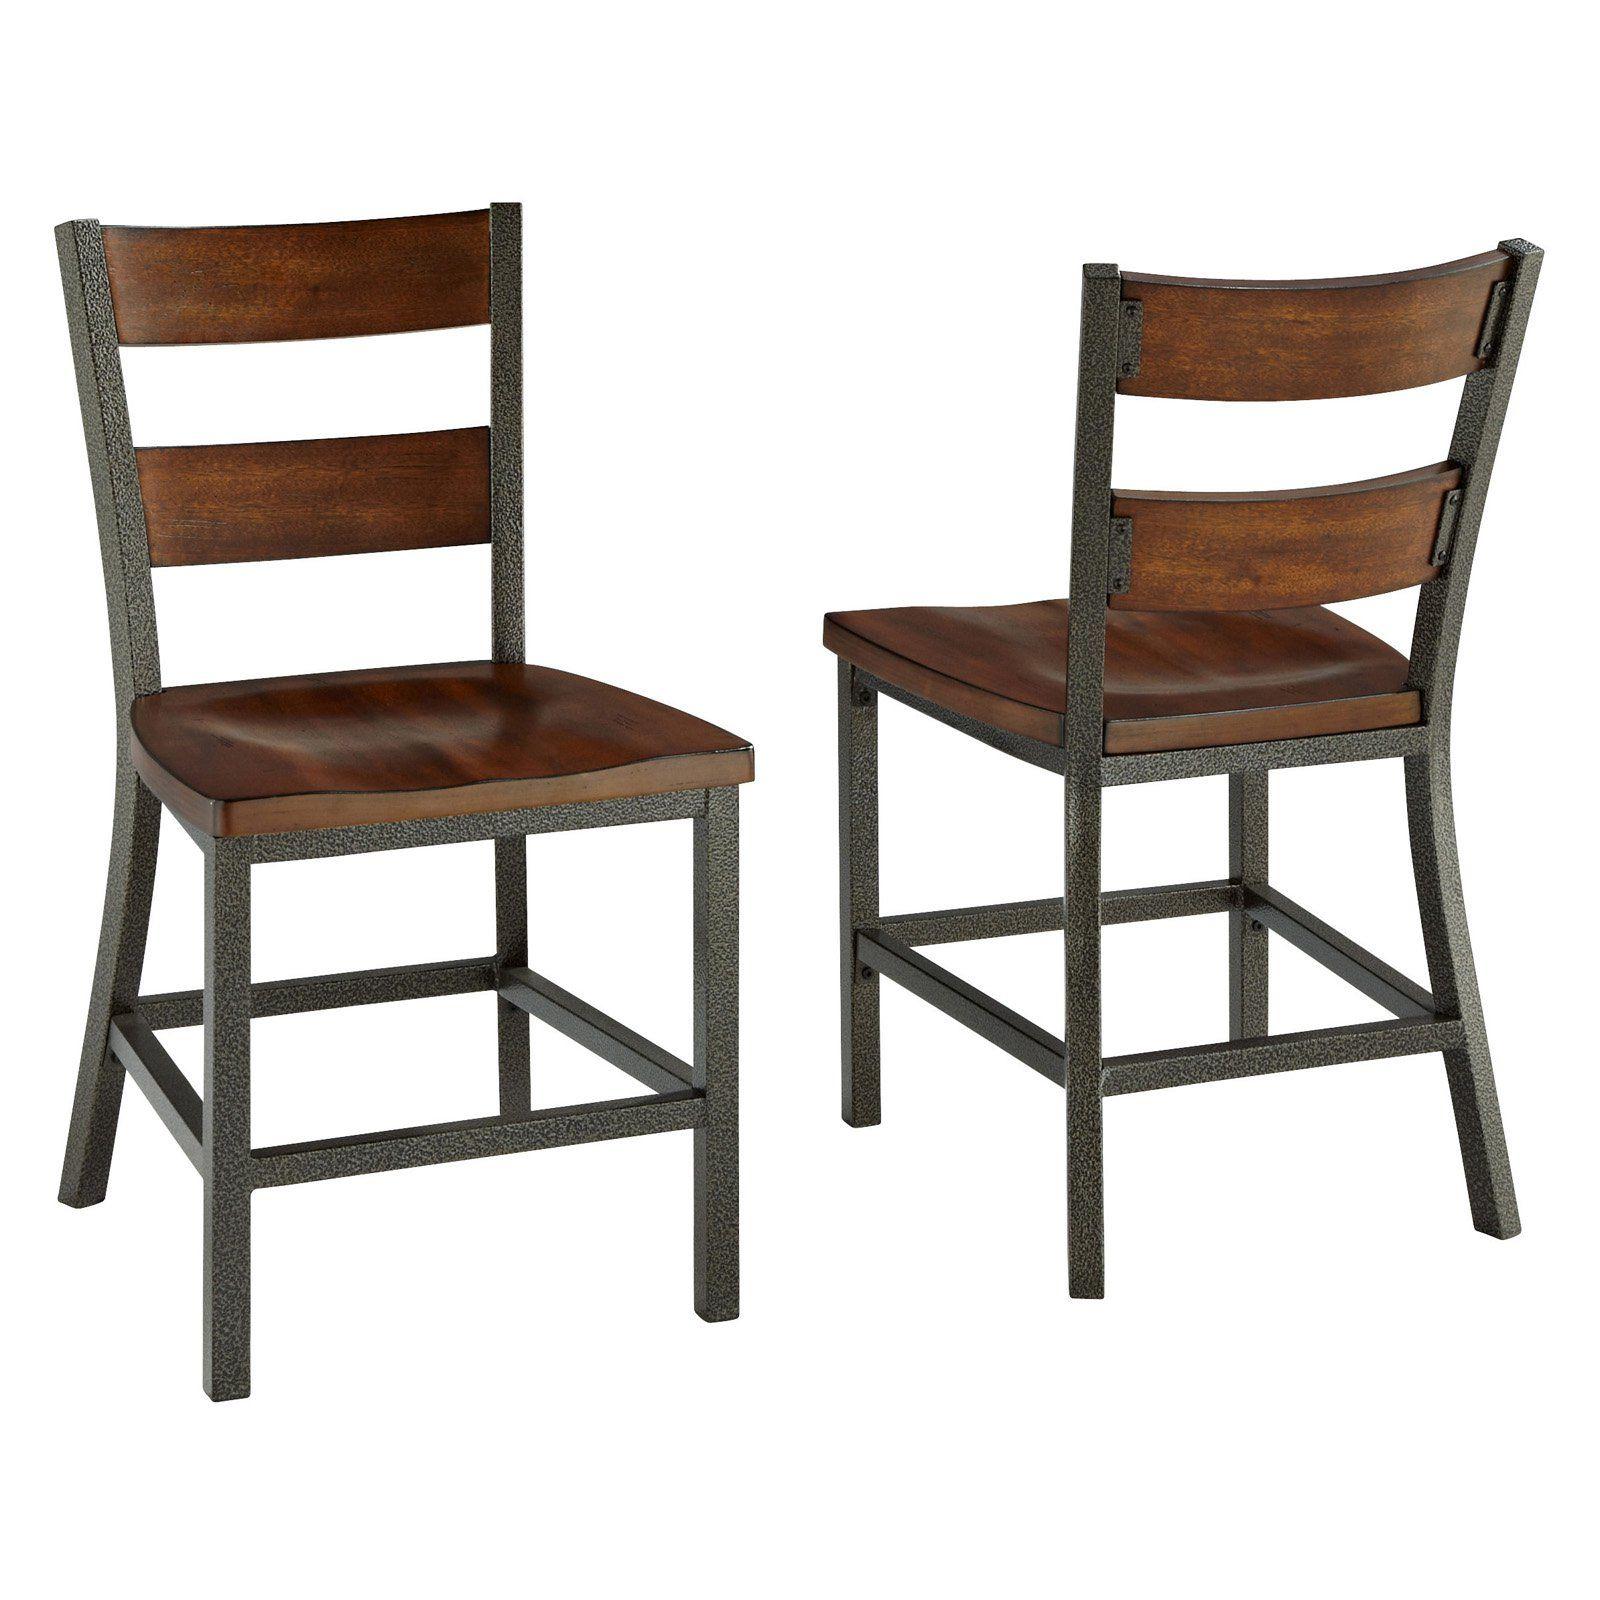 Holz Und Metall Esszimmer Stuhl | Stühle | Pinterest | Holz und ...